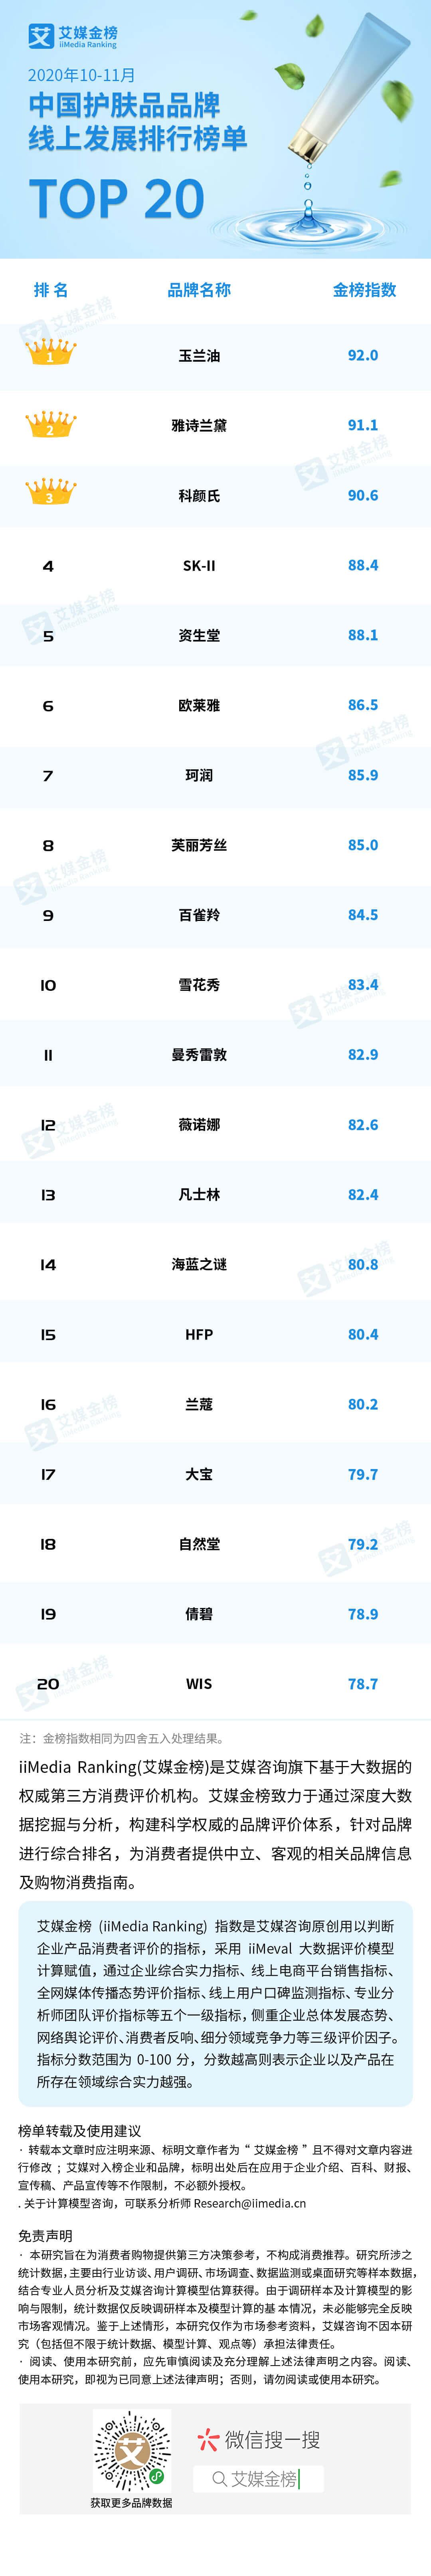 中国护肤品牌线上TOP20榜单发布,本土品牌占6席